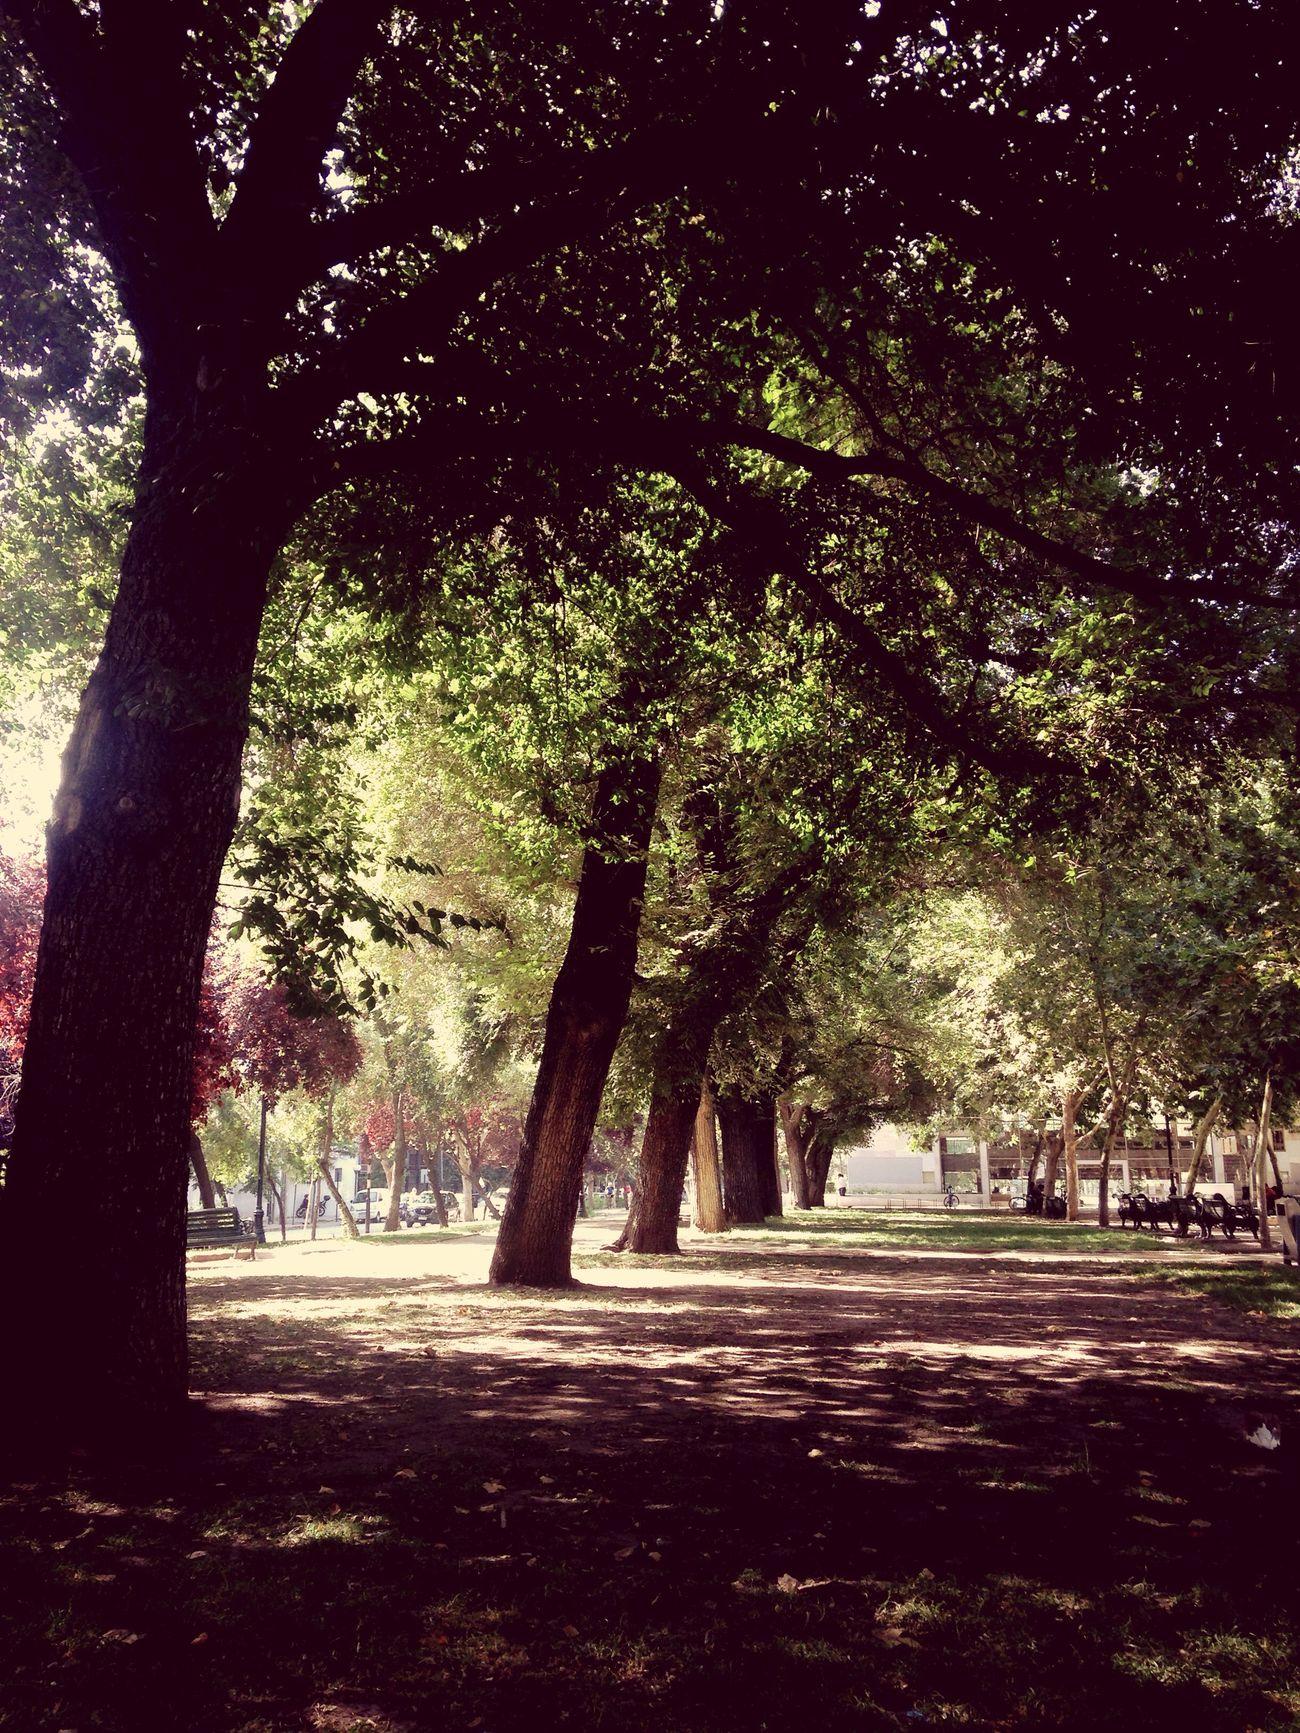 Parque Bustamante Chile Santiago De Chile ParqueBustamante Bustamantepark